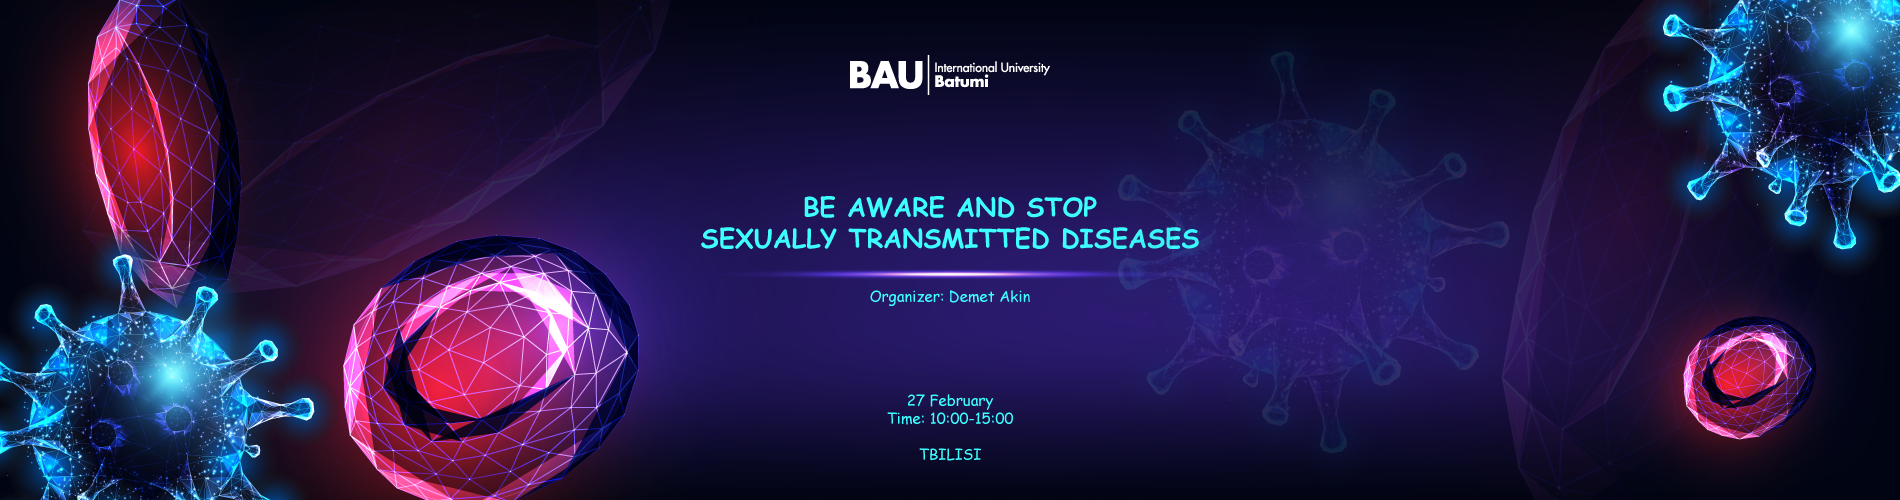 """სიმპოზიუმი  """"იცოდე და შეაჩერე სექსუალური გზით გადამდები დაავადებები"""